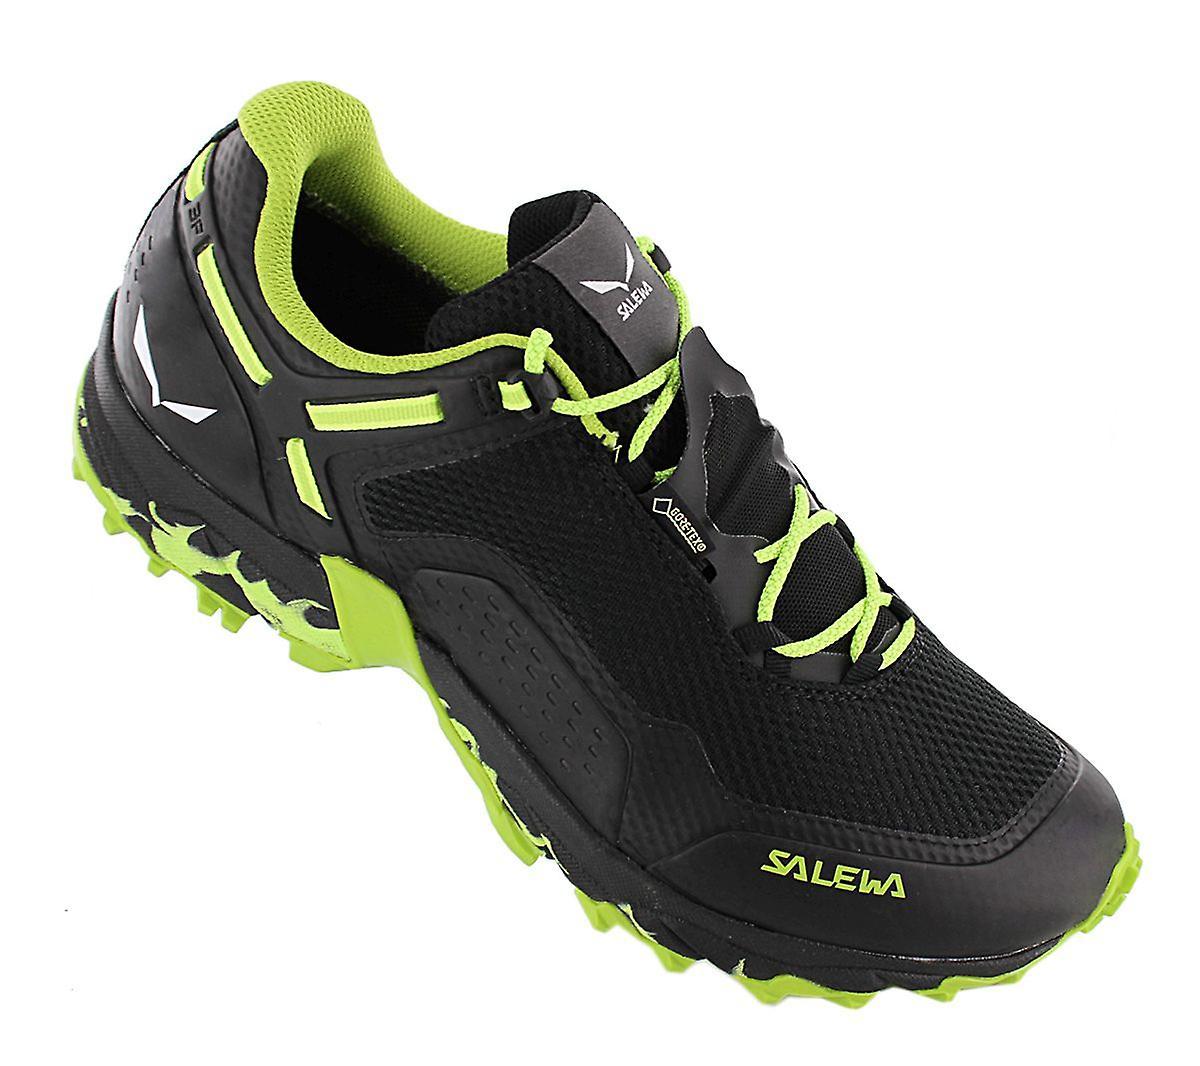 Salewa MS Speed Beat GTX - Gore Tex - Herren Wanderschuhe Schwarz 61338-0978 Sneakers Sportschuhe